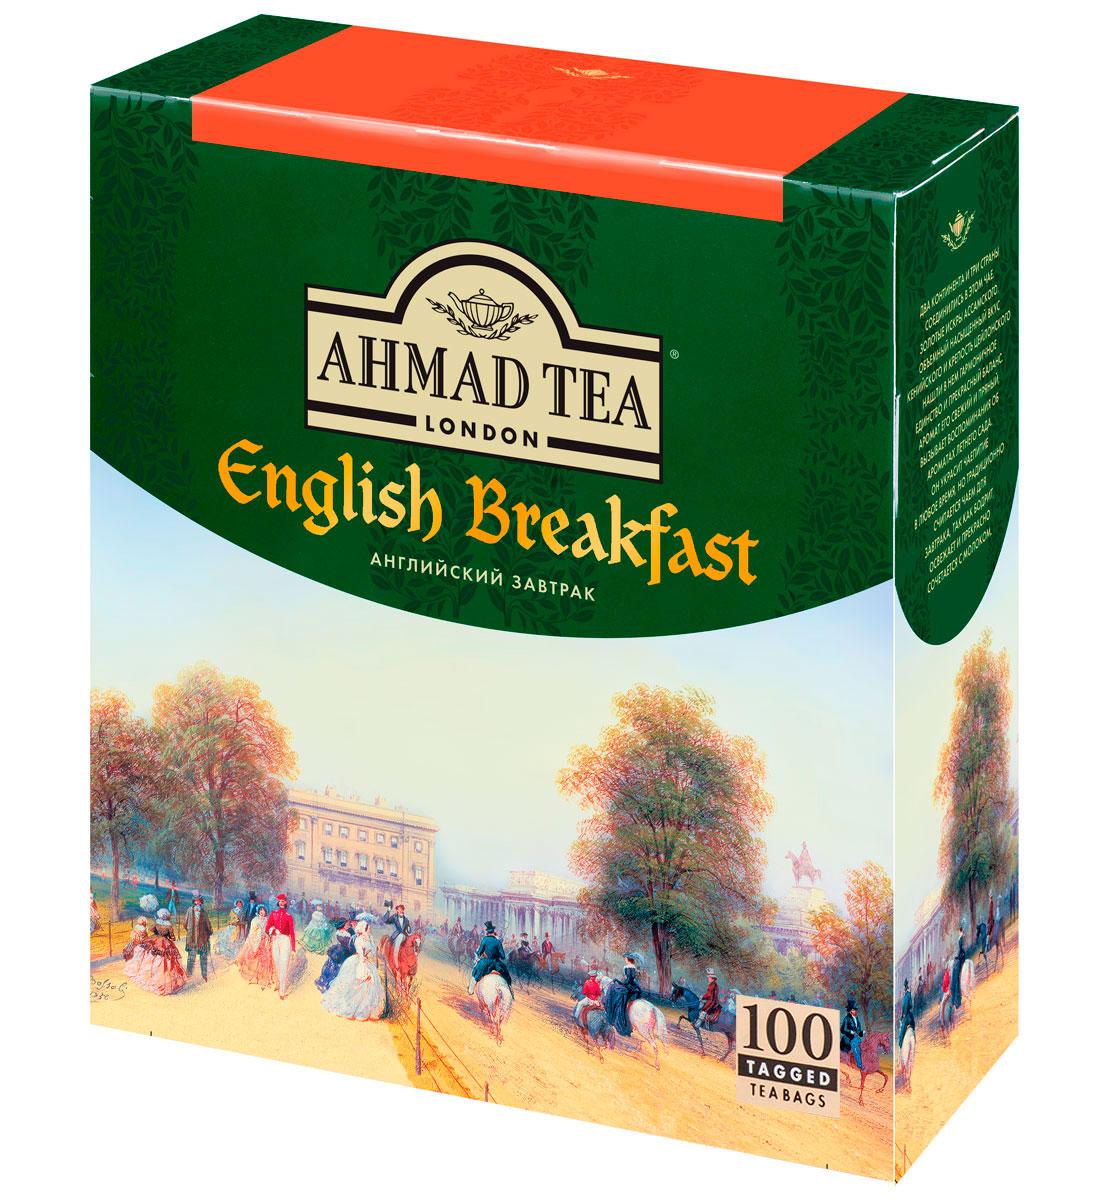 Ahmad Tea English Breakfast черный чай в пакетиках, 100 шт600LY-08Два континента и три страны соединились в чае Ahmad English Breakfast. Золотистые искры ассамского, объемный и насыщенный вкус кенийского и крепость цейлонского нашли в нем гармоничное единство и прекрасный баланс. Аромат его свежий и пряный, вызывает воспоминания об ароматах летнего сада. Он украсит чаепитие в любое время, но традиционно считается чаем для завтрака, так как бодрит, освежает и прекрасно сочетается с молоком. Заваривать 5-7 минут, температура воды 100 °С.